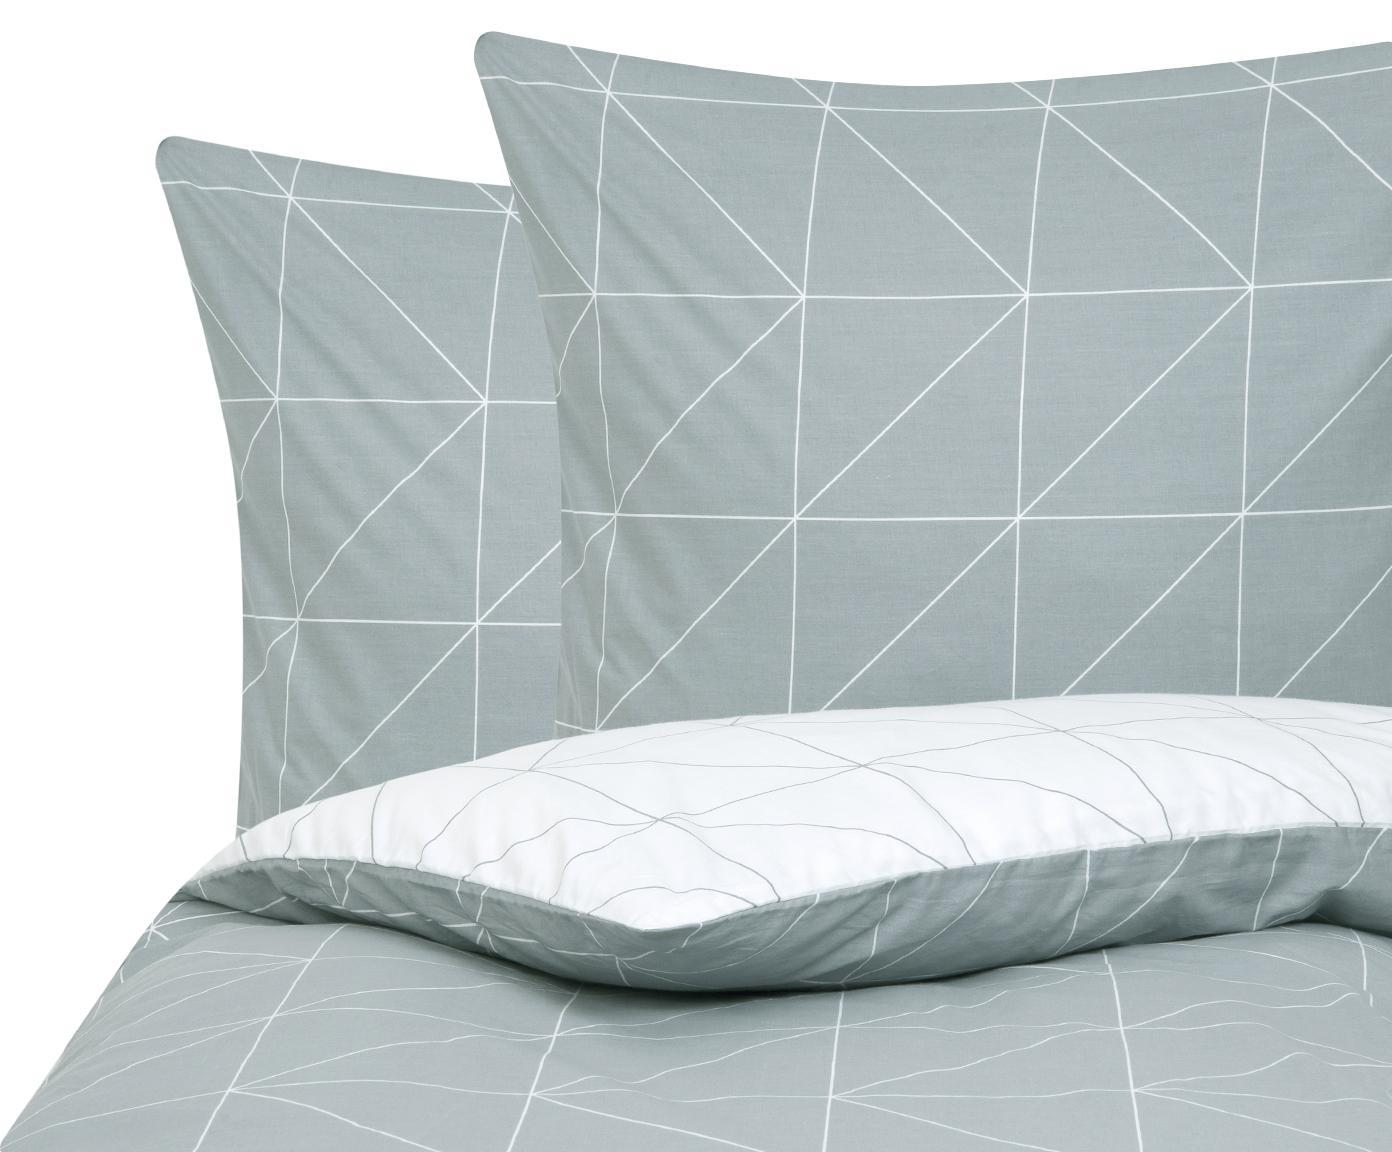 Baumwoll-Wendebettwäsche Marla mit grafischem Muster, Webart: Renforcé Fadendichte 144 , Grau, Weiß, 240 x 220 cm + 2 Kissen 80 x 80 cm